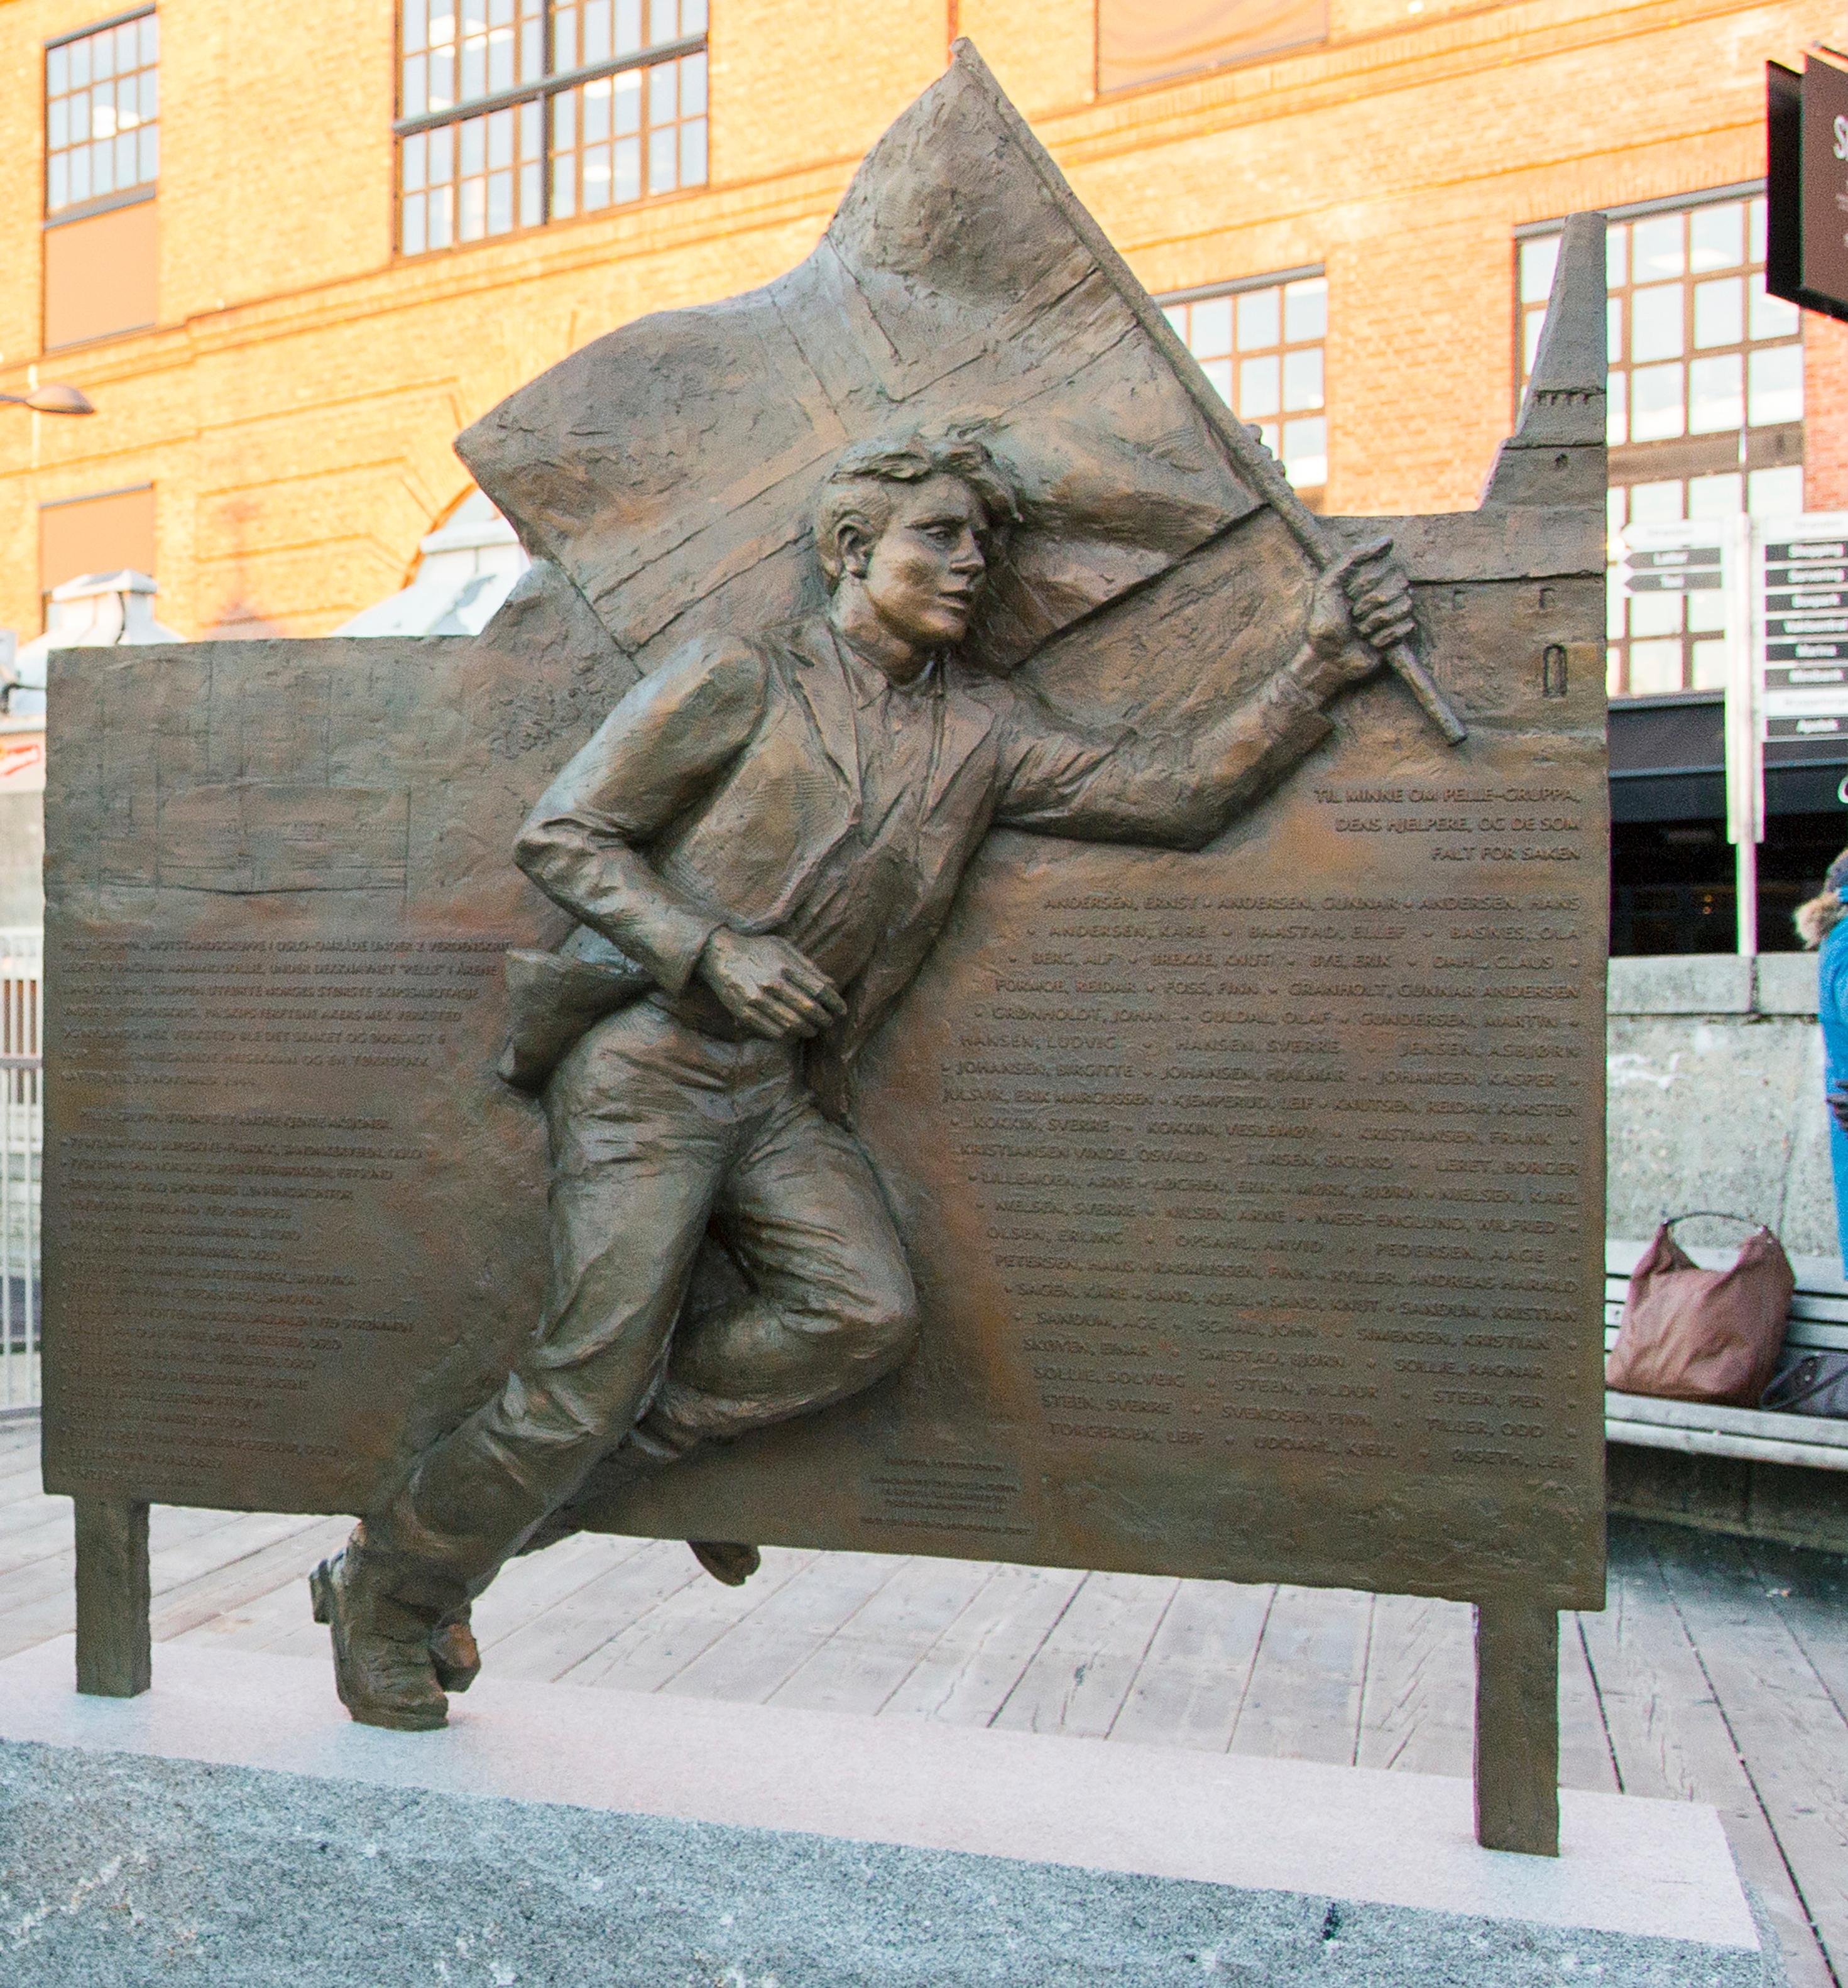 Hva lærte vi 3: Engasjement rundt de usungne helter er fortsatt stort i Norge.